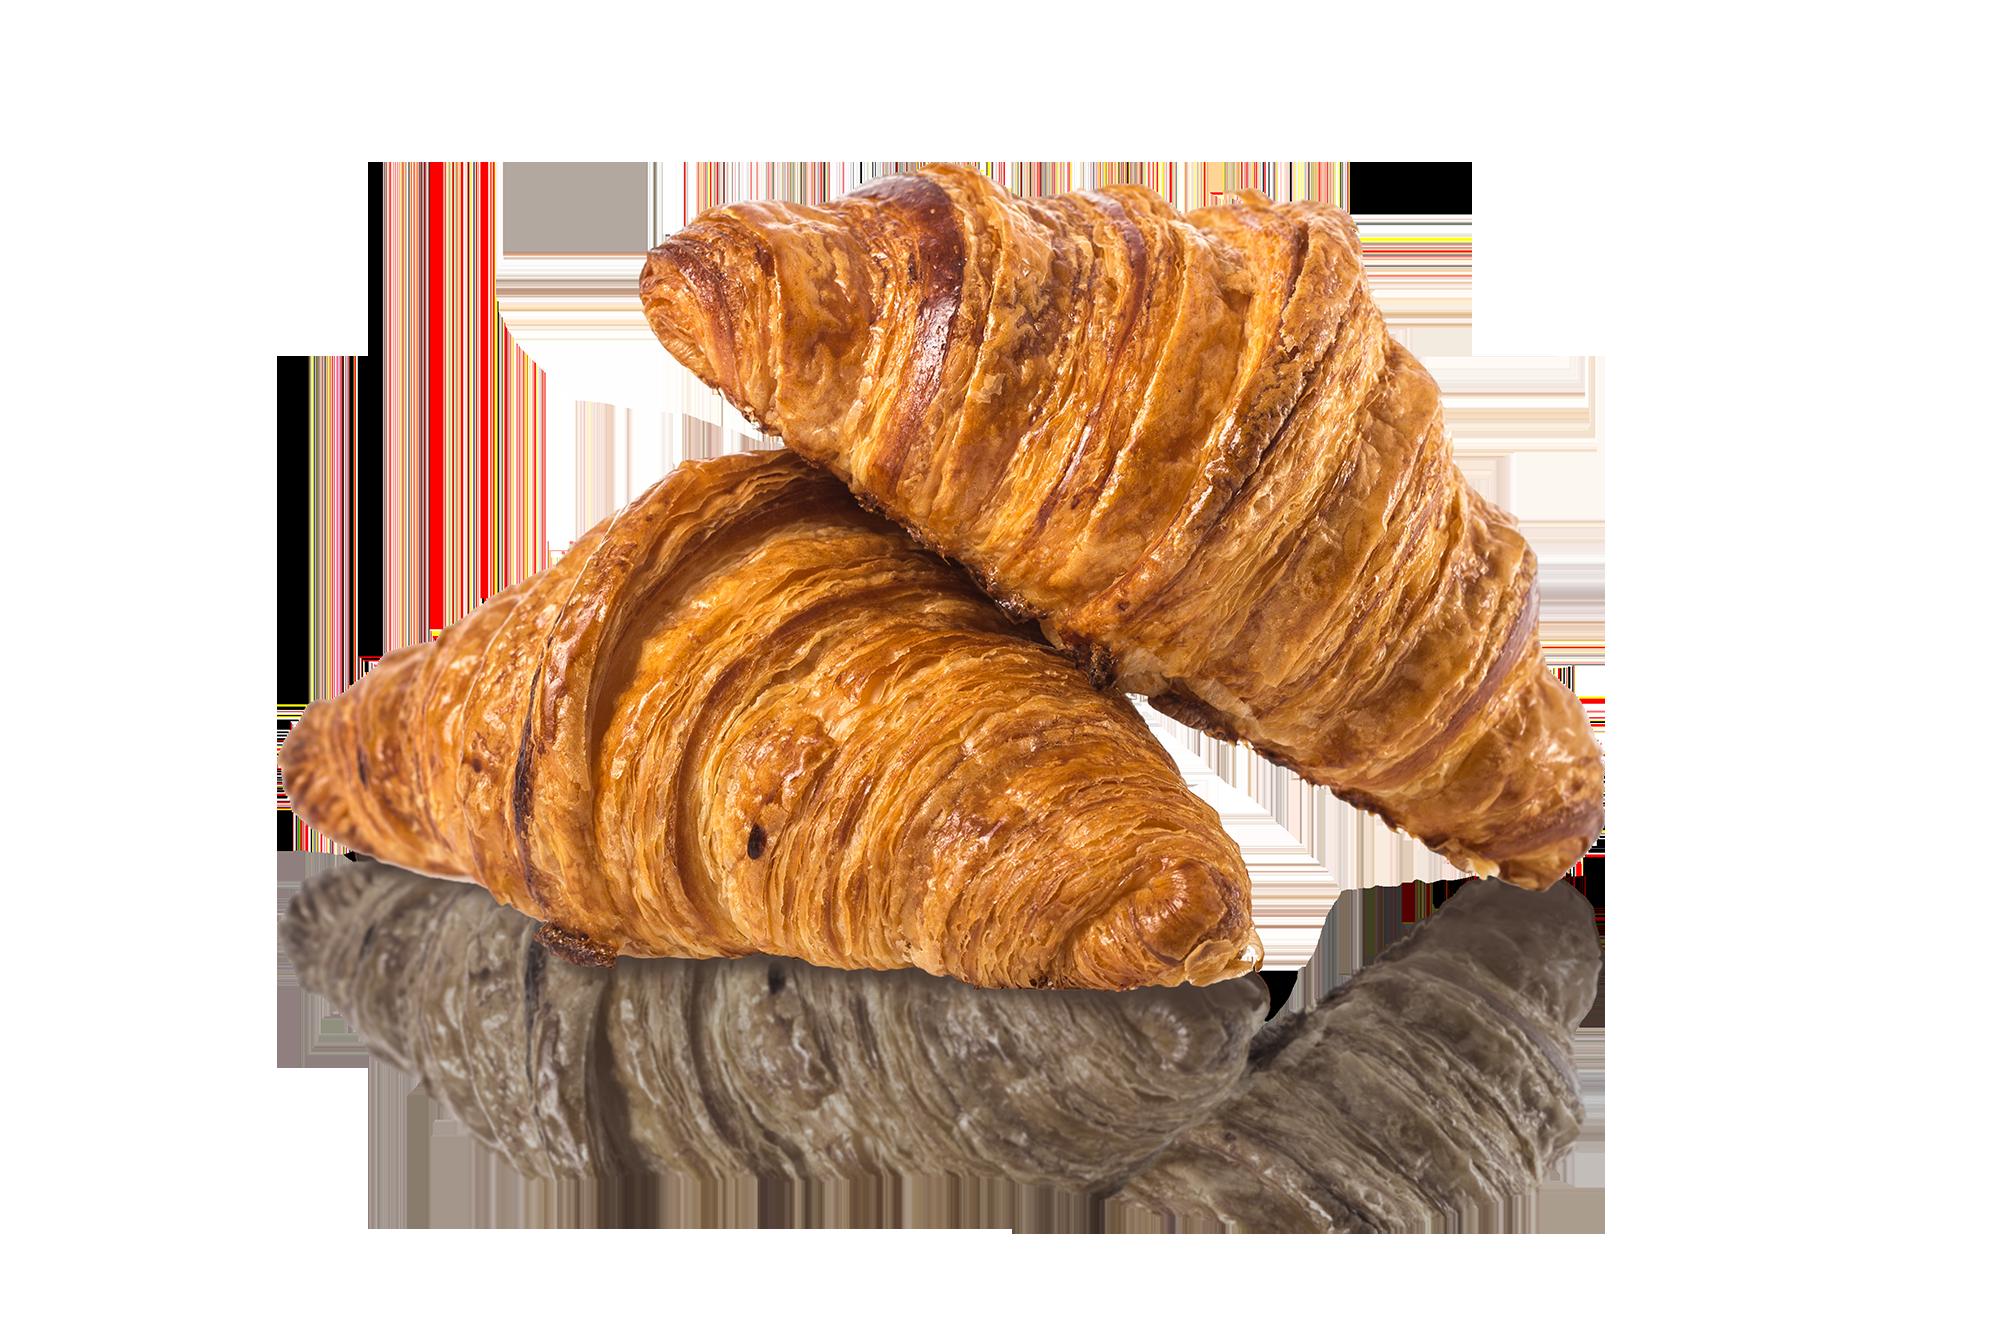 Croissant PNG Image.